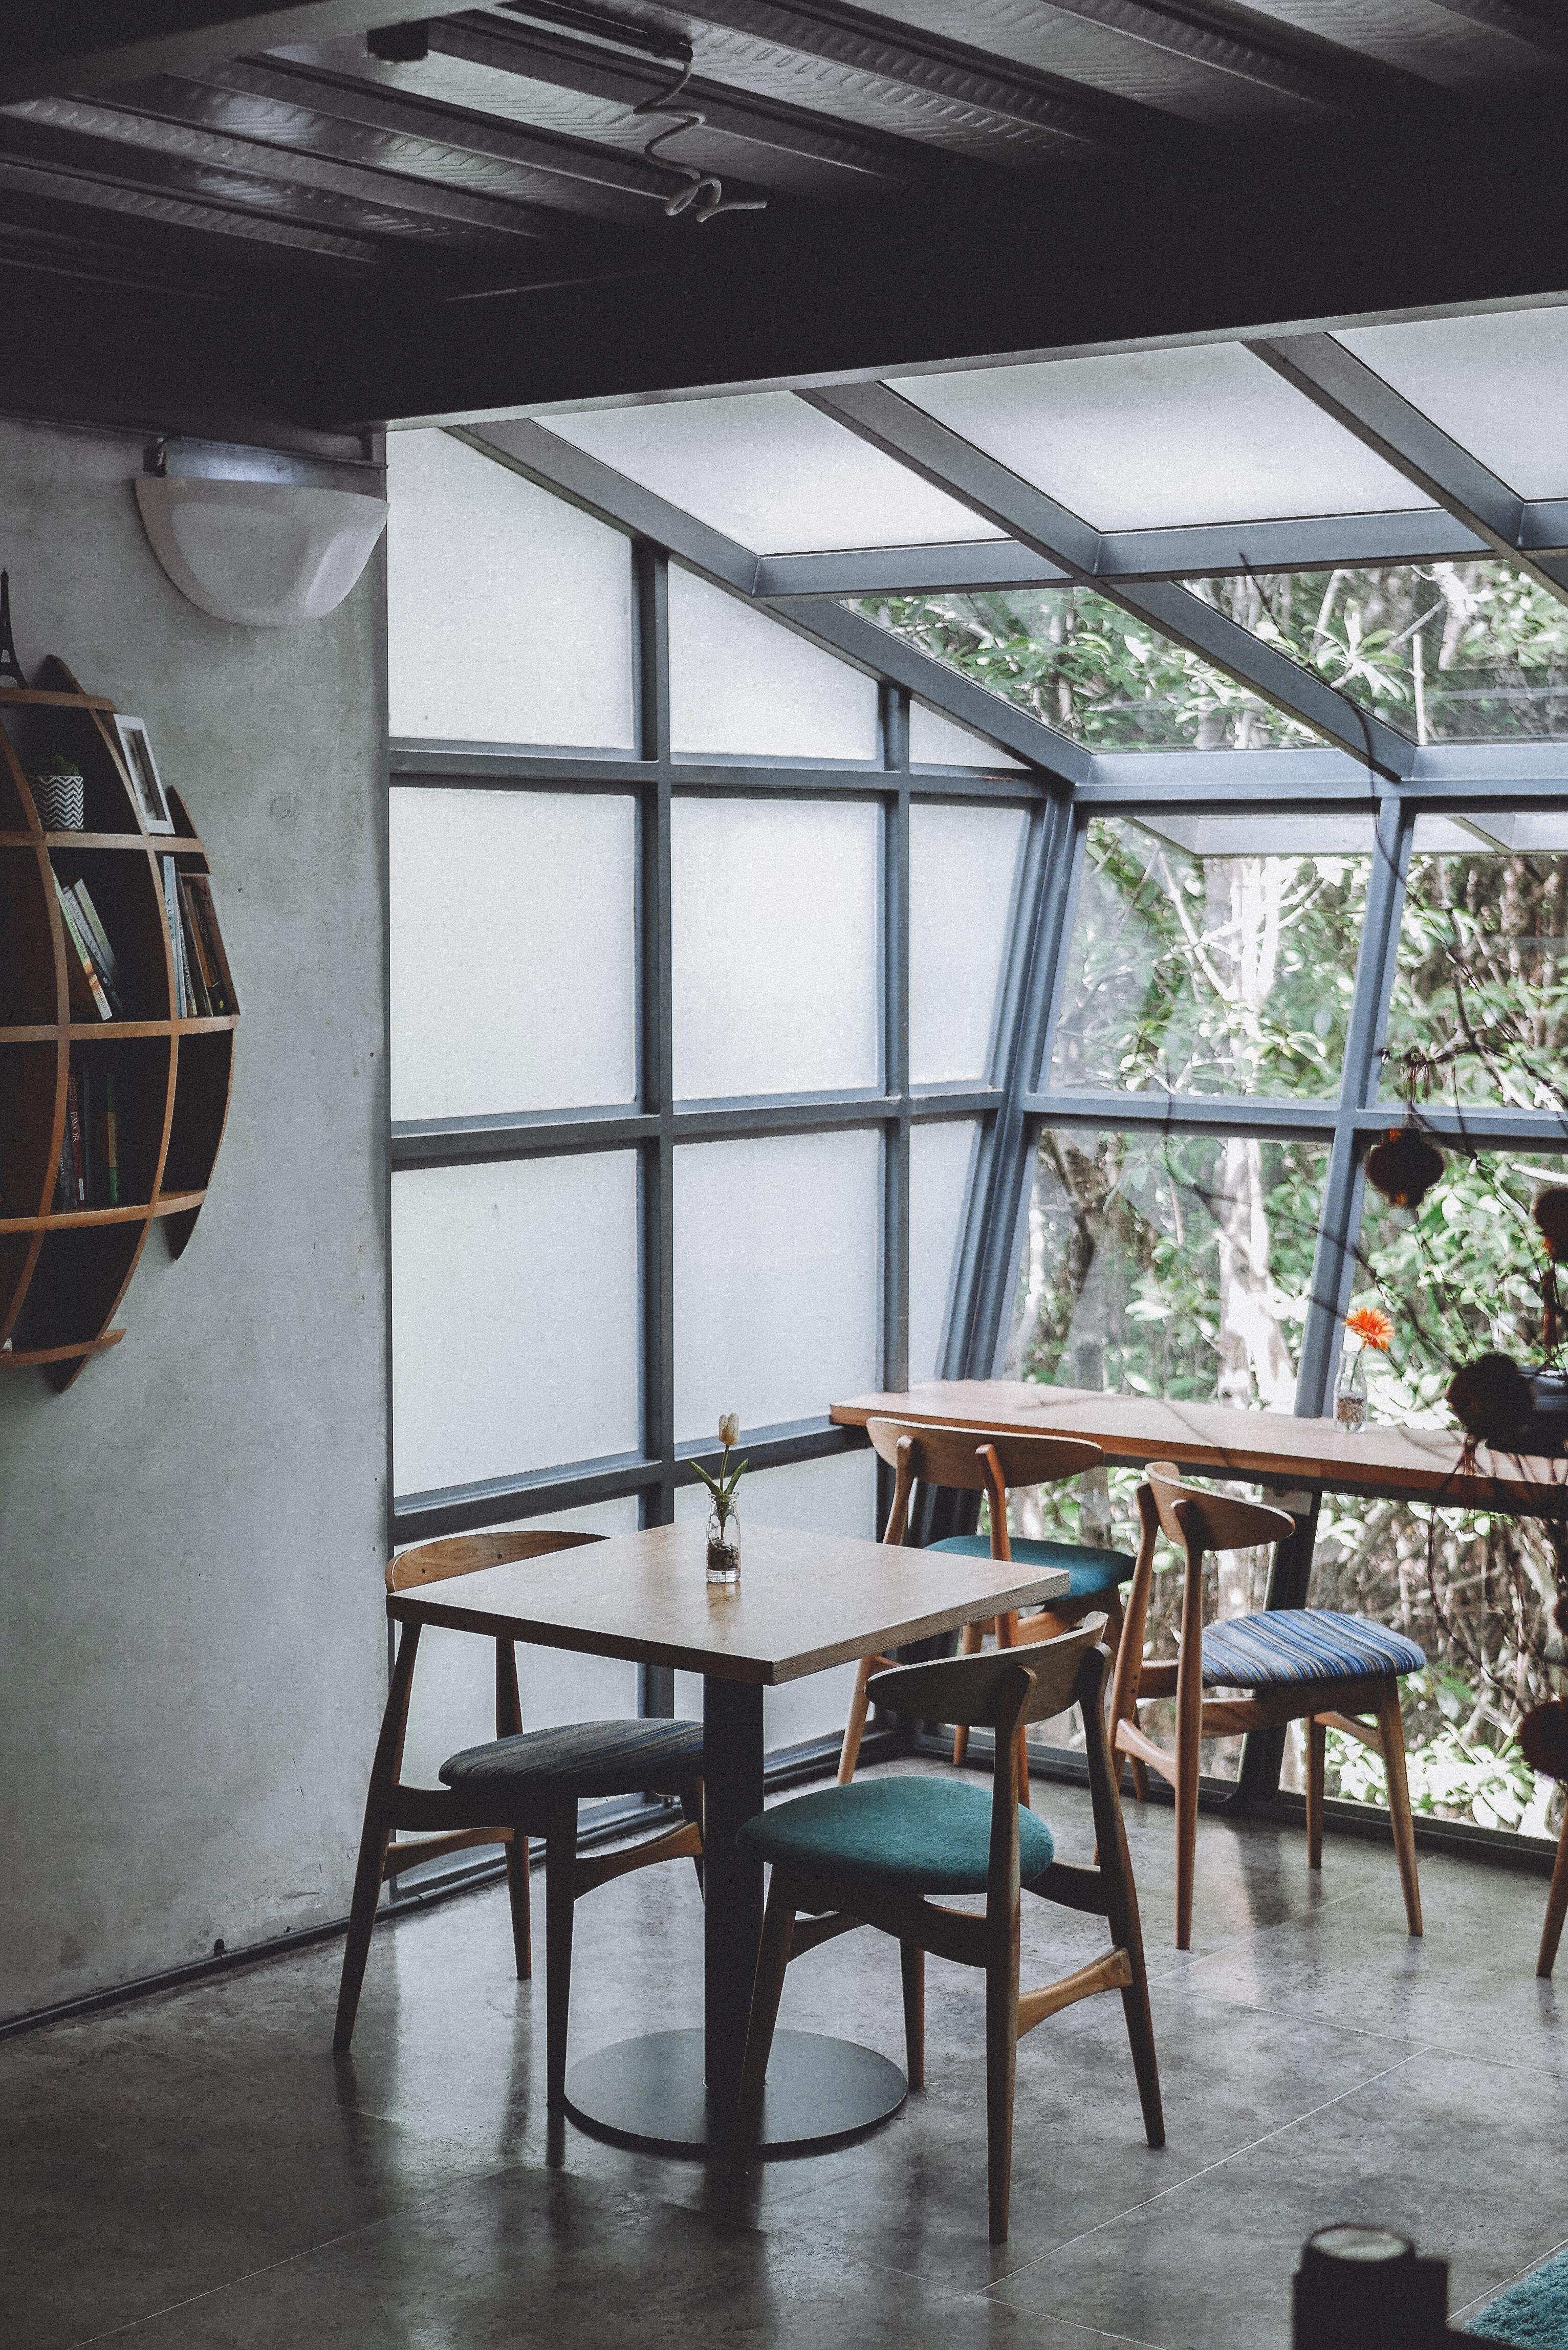 316d4672a2ab izbu budova nábytok interiérový dizajn denné osvetlenie stôl strop  architektúra okno dom stoličky podkrovie podlaha